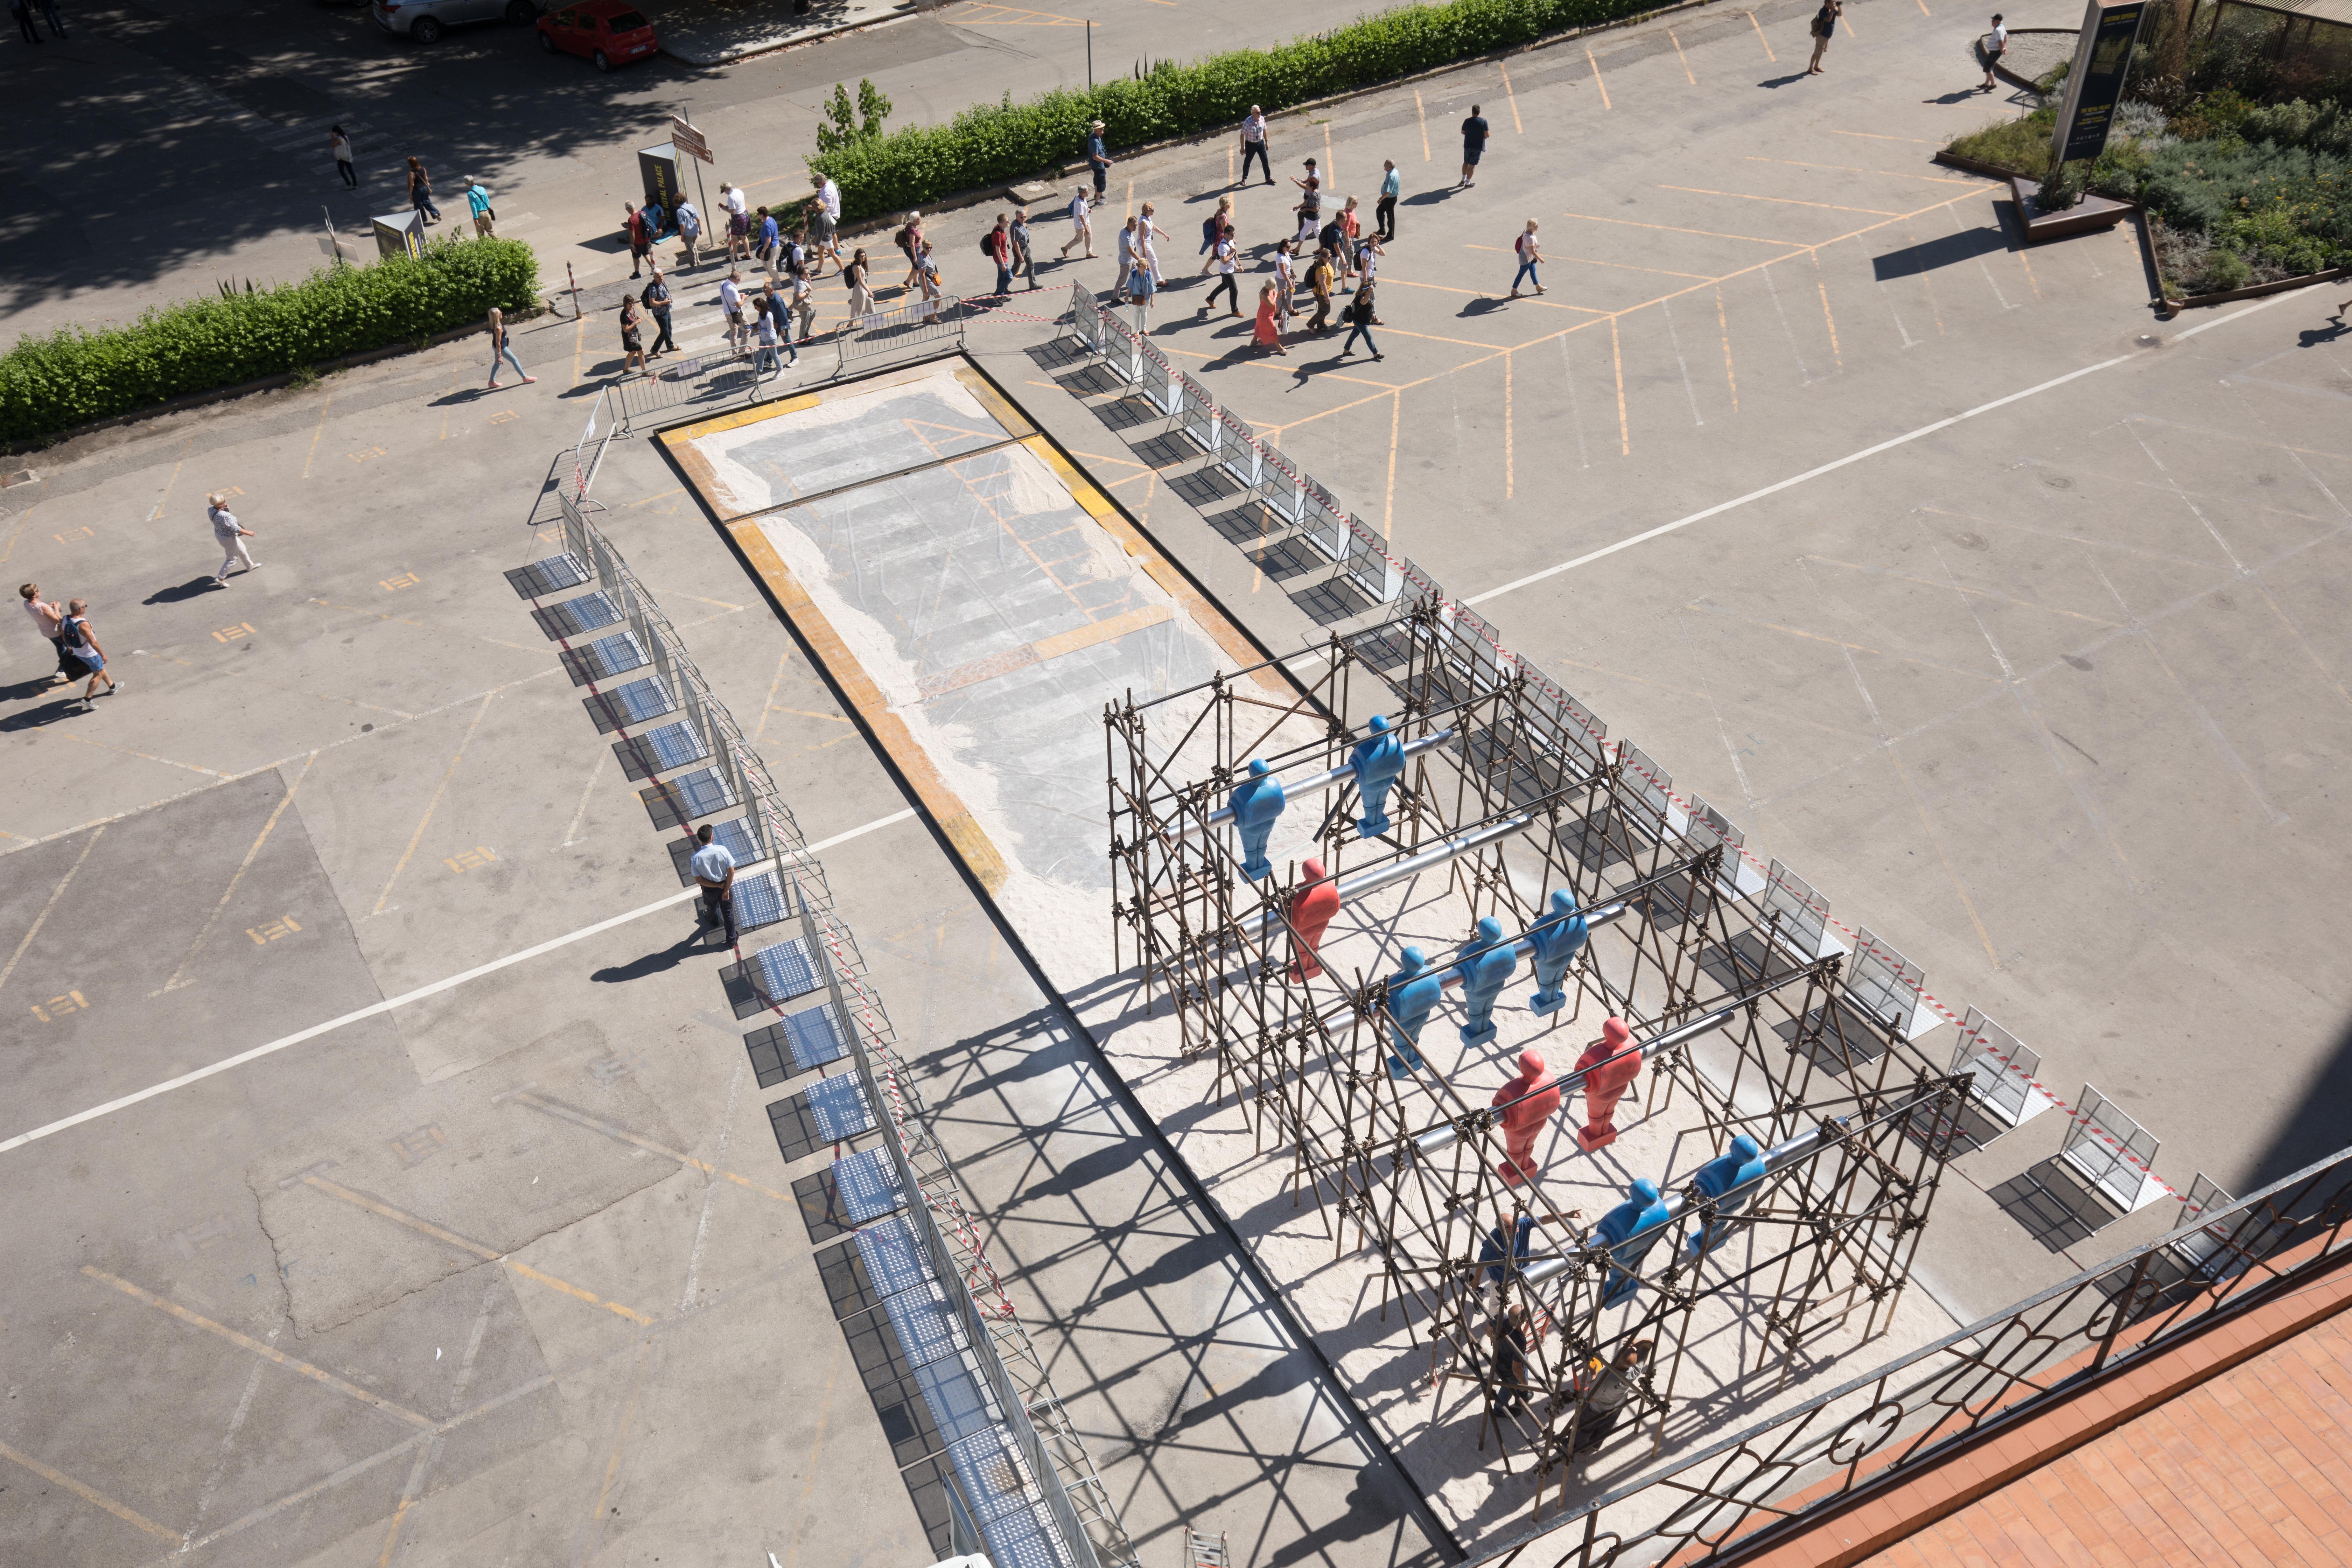 Tragedie del mare: l'arte contro l'indifferenza a Piazza del Parlamento